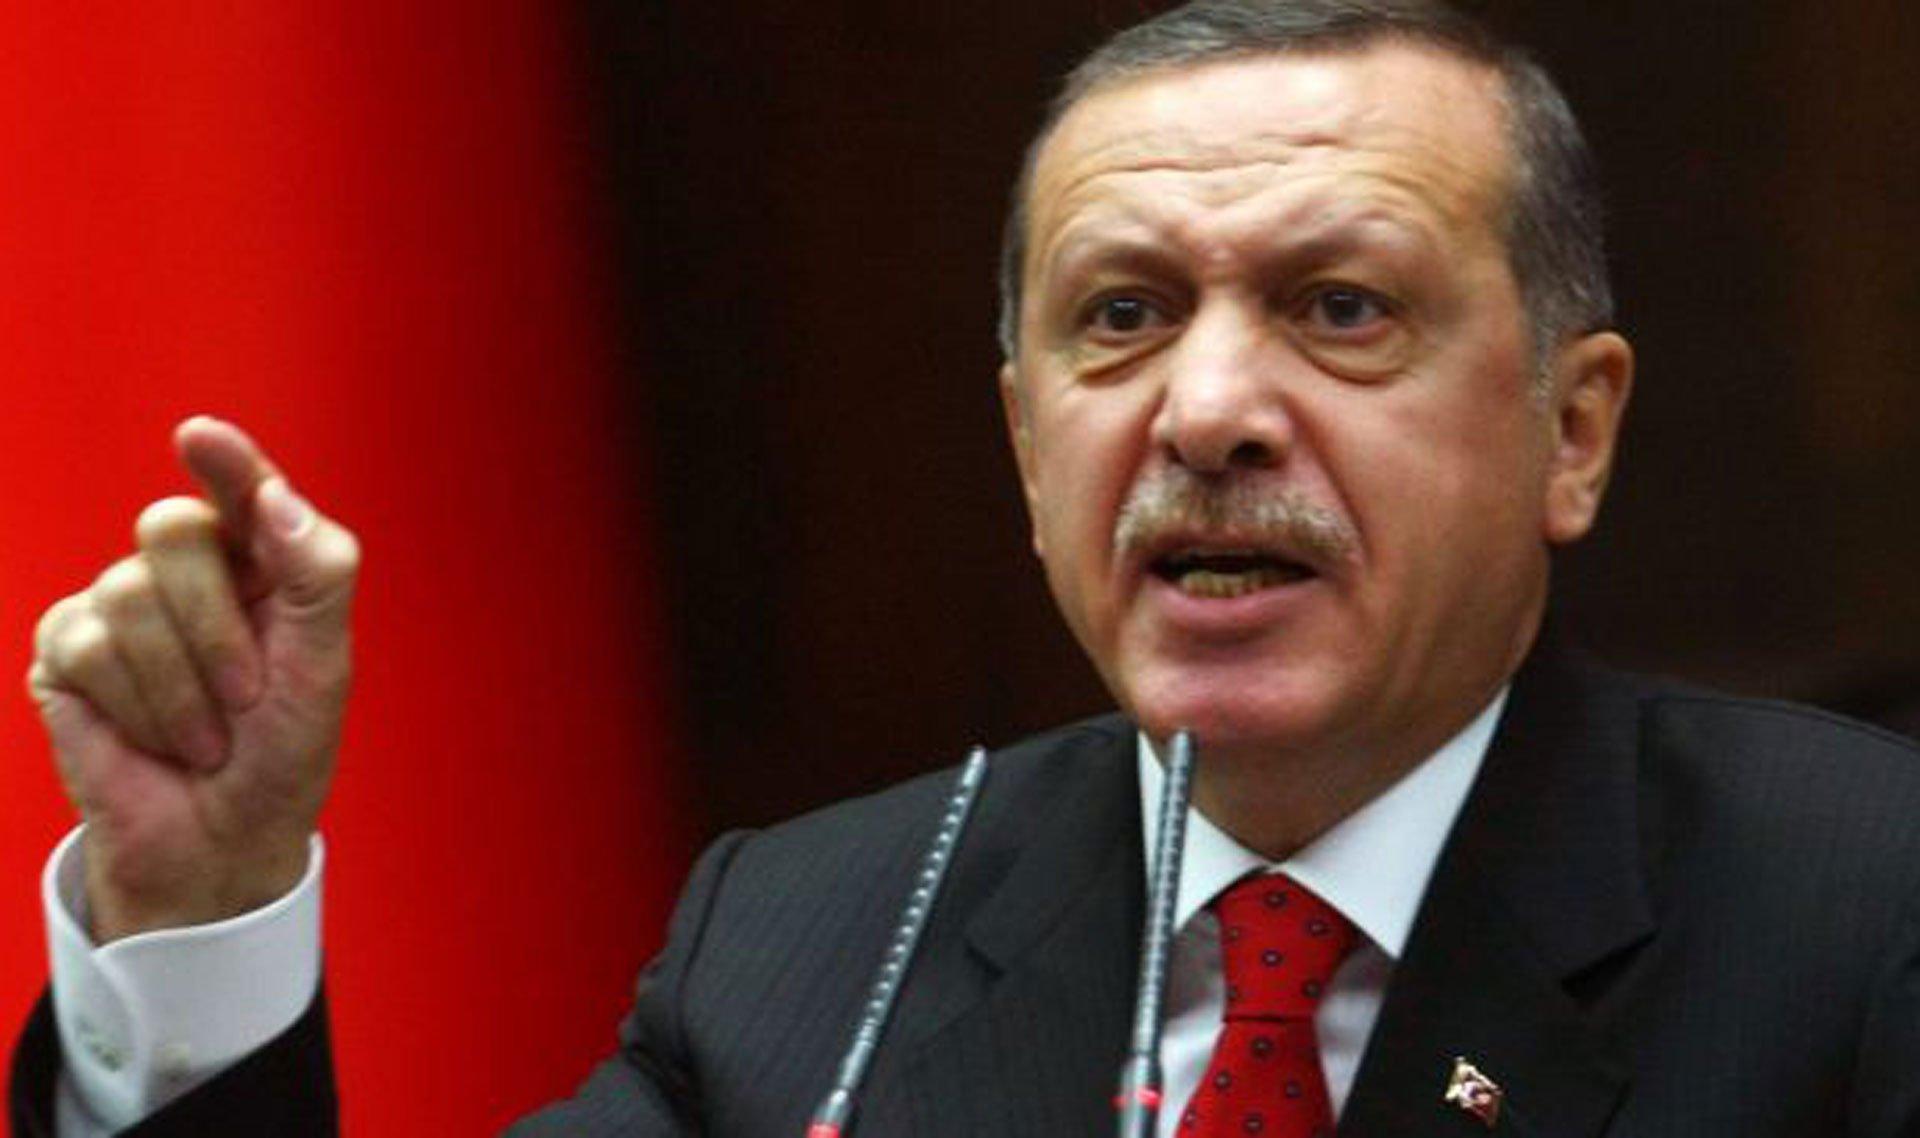 Türkiyə prezidenti Rəcəb Tayyib Ərdoğandan Dünyanı Şoka salan açıqlama - Bax bu çoxdan olmalıydı